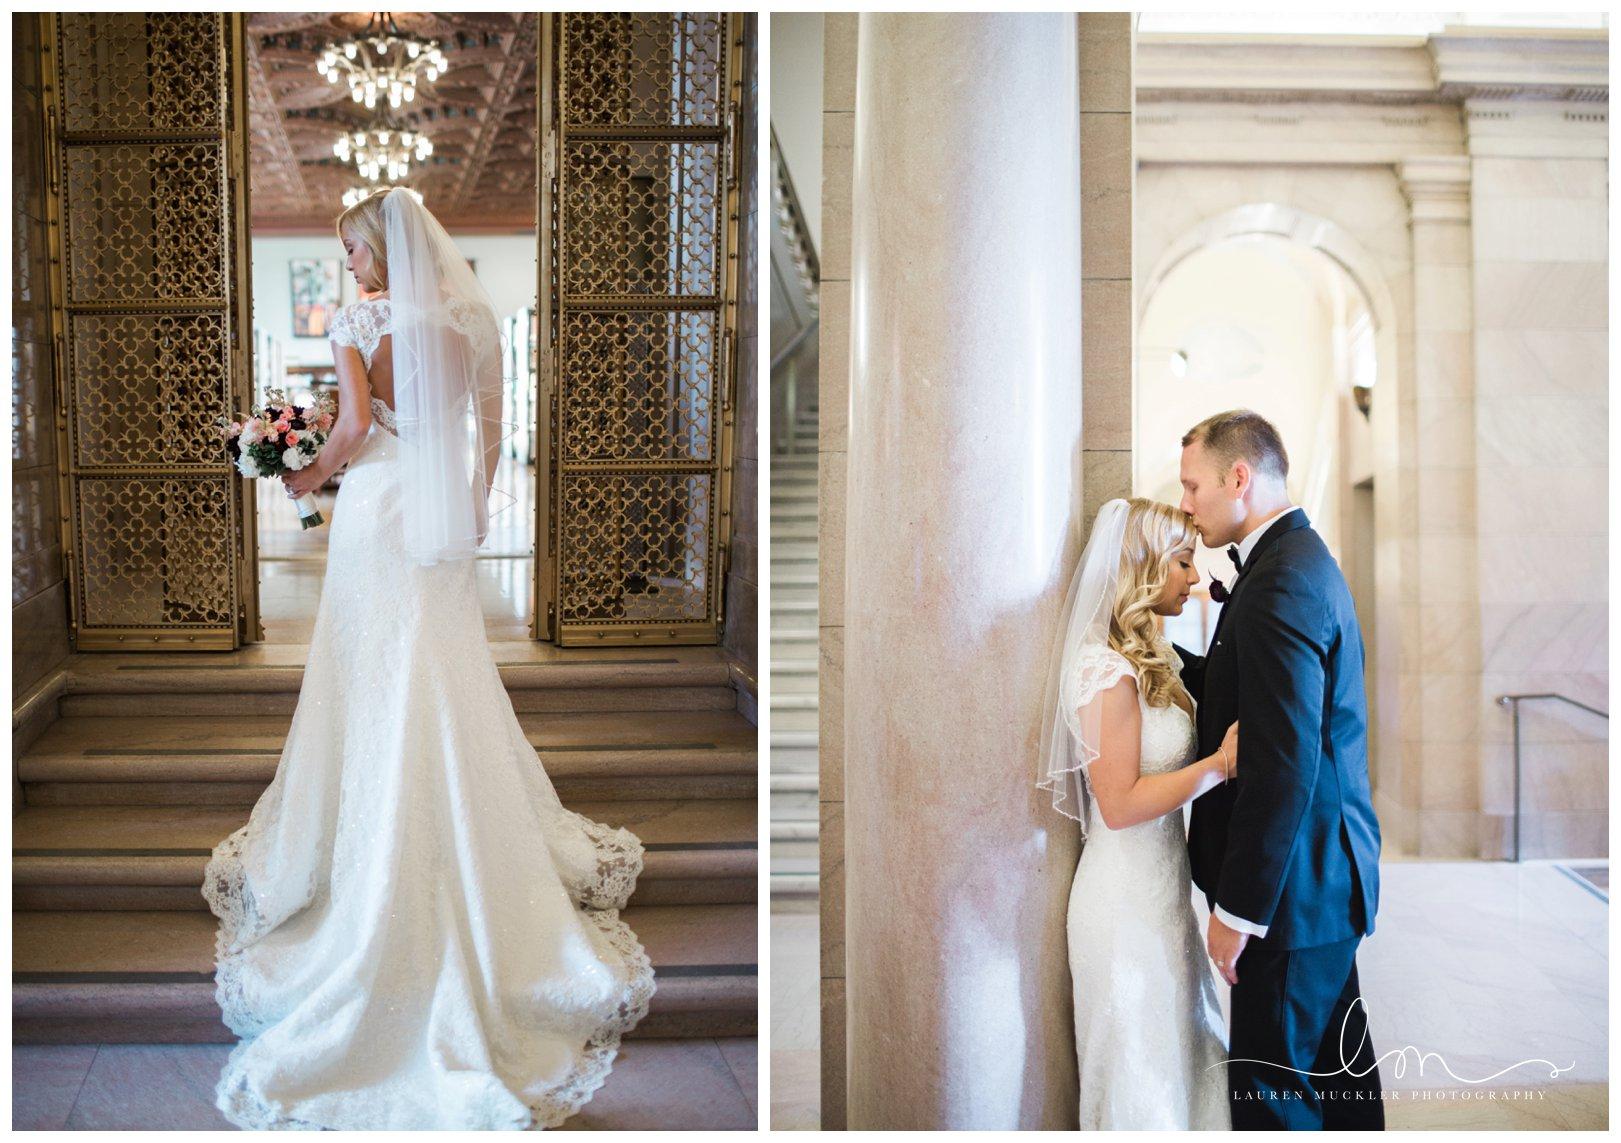 lauren muckler photography_fine art film wedding photography_st louis_photography_0820.jpg